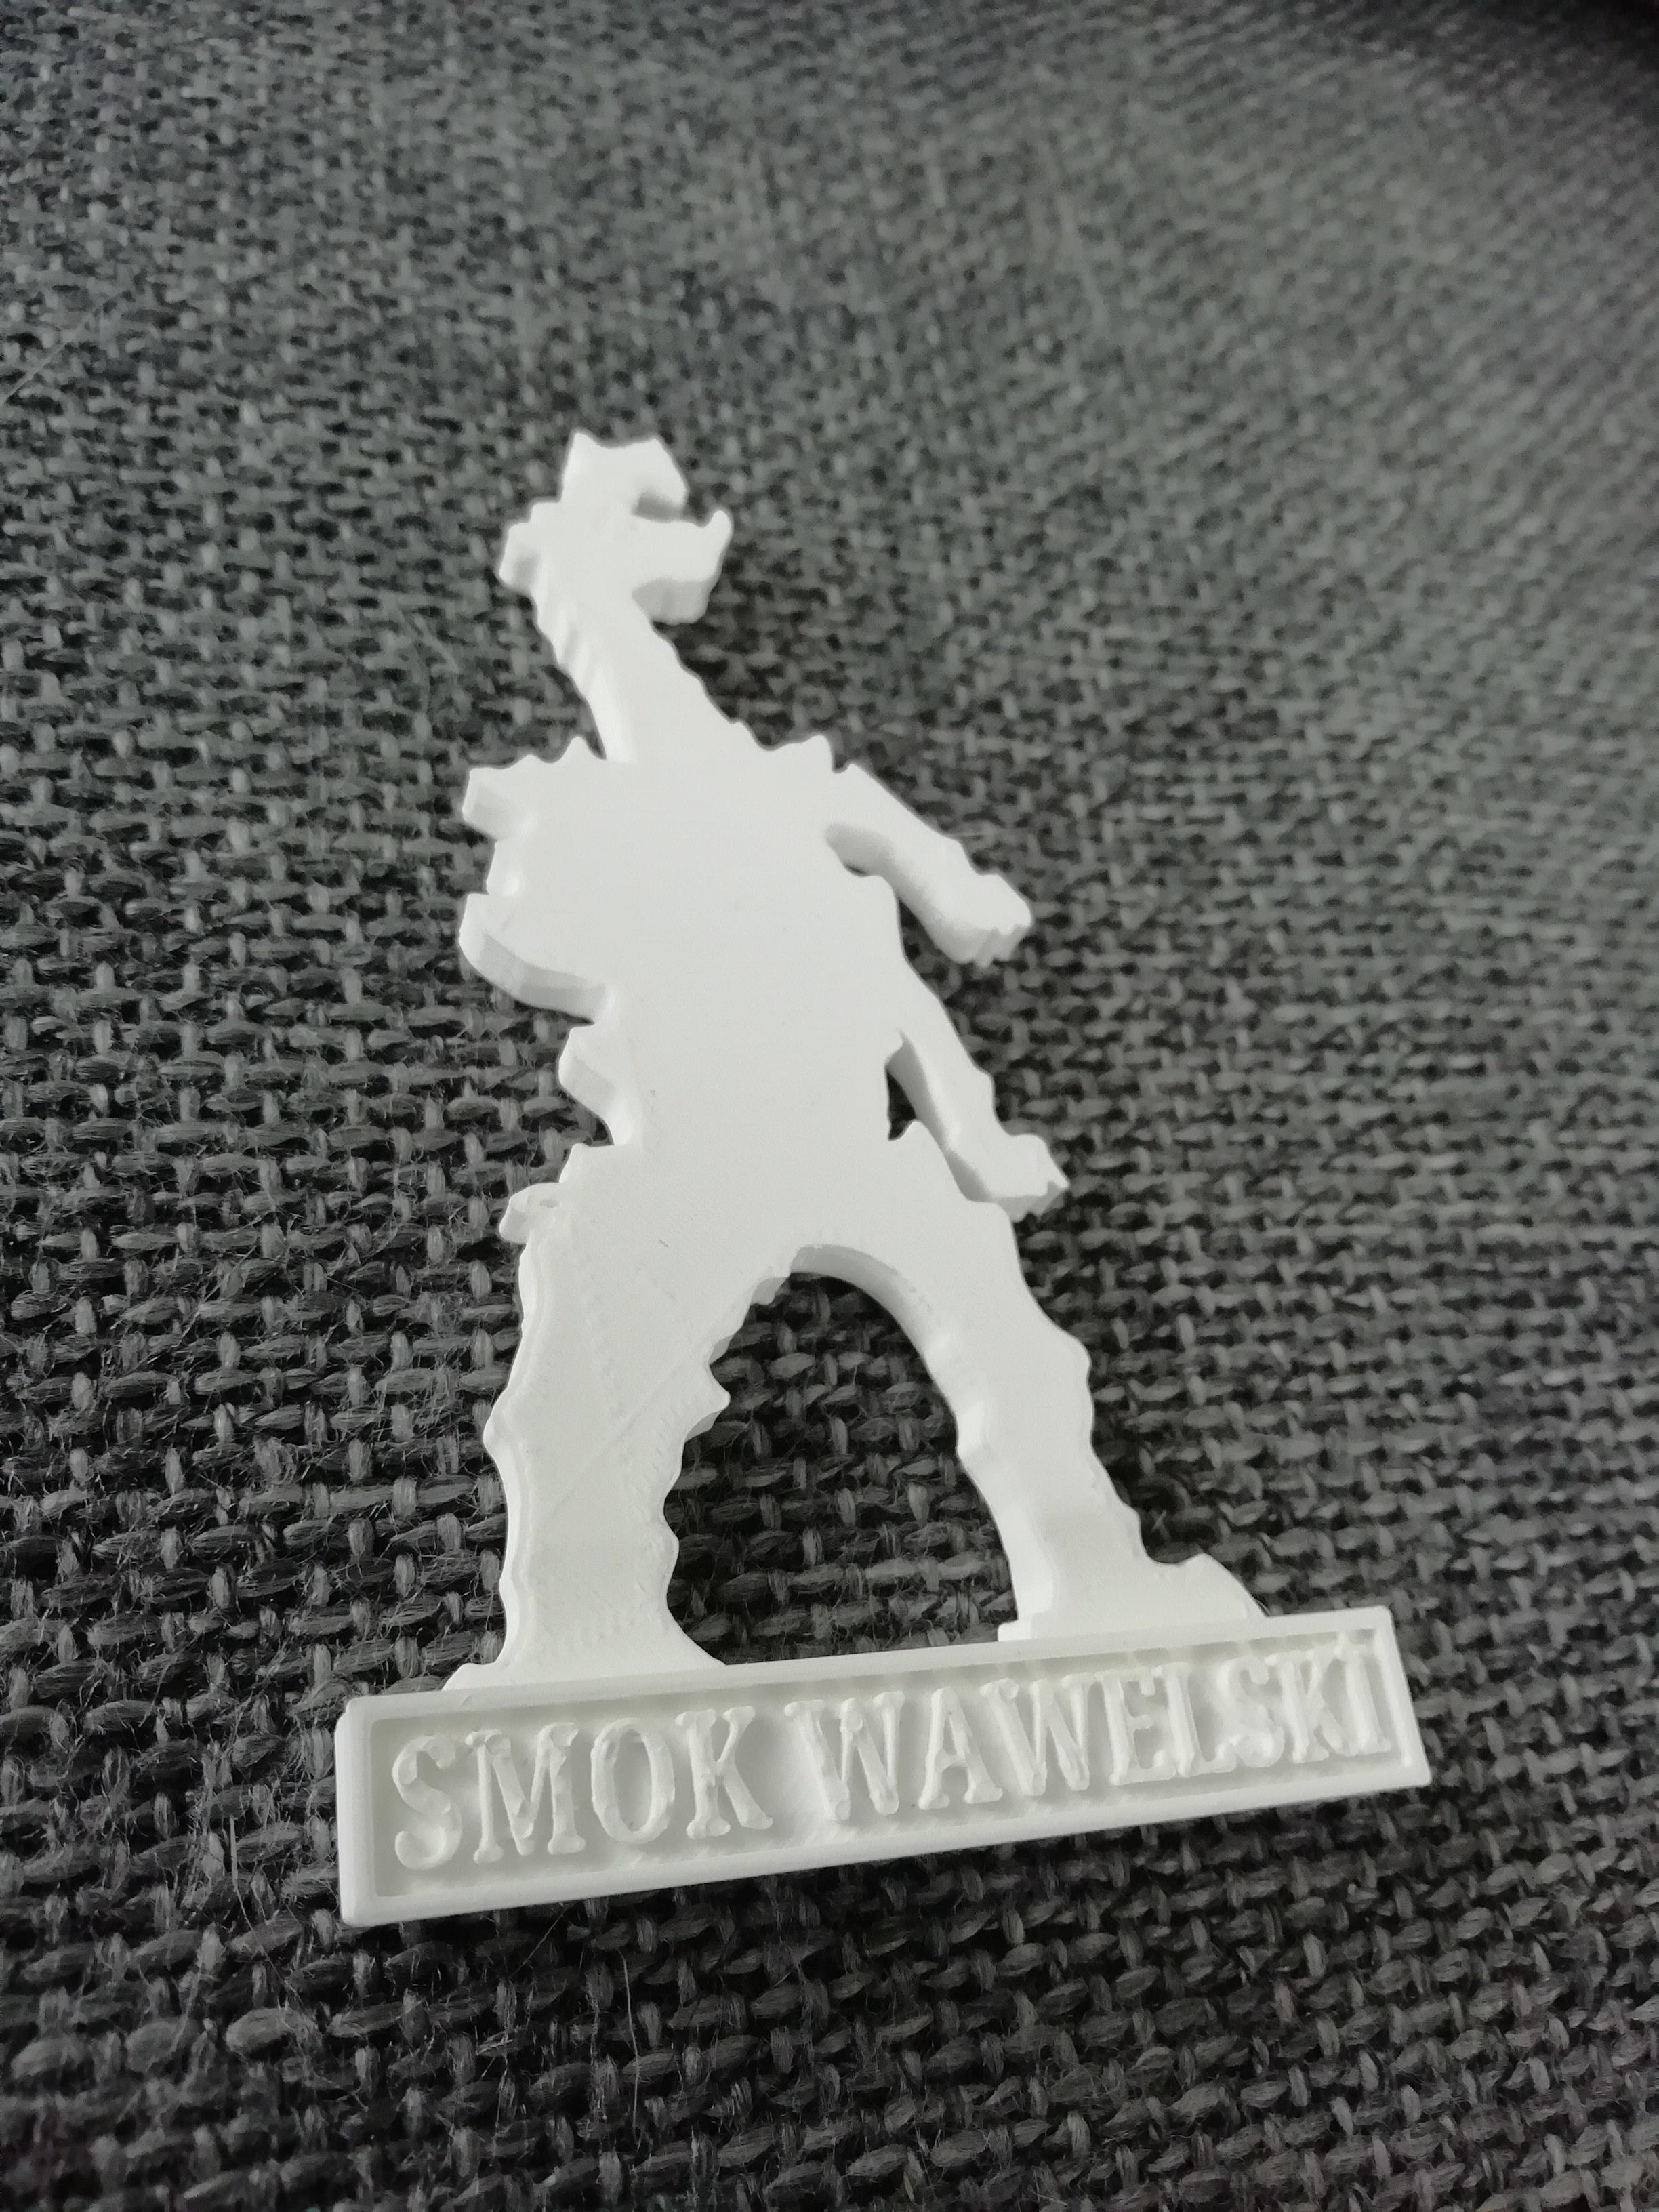 IMG_20200725_121409.jpg Download STL file Smok Wawelski • 3D printer model, eAgent